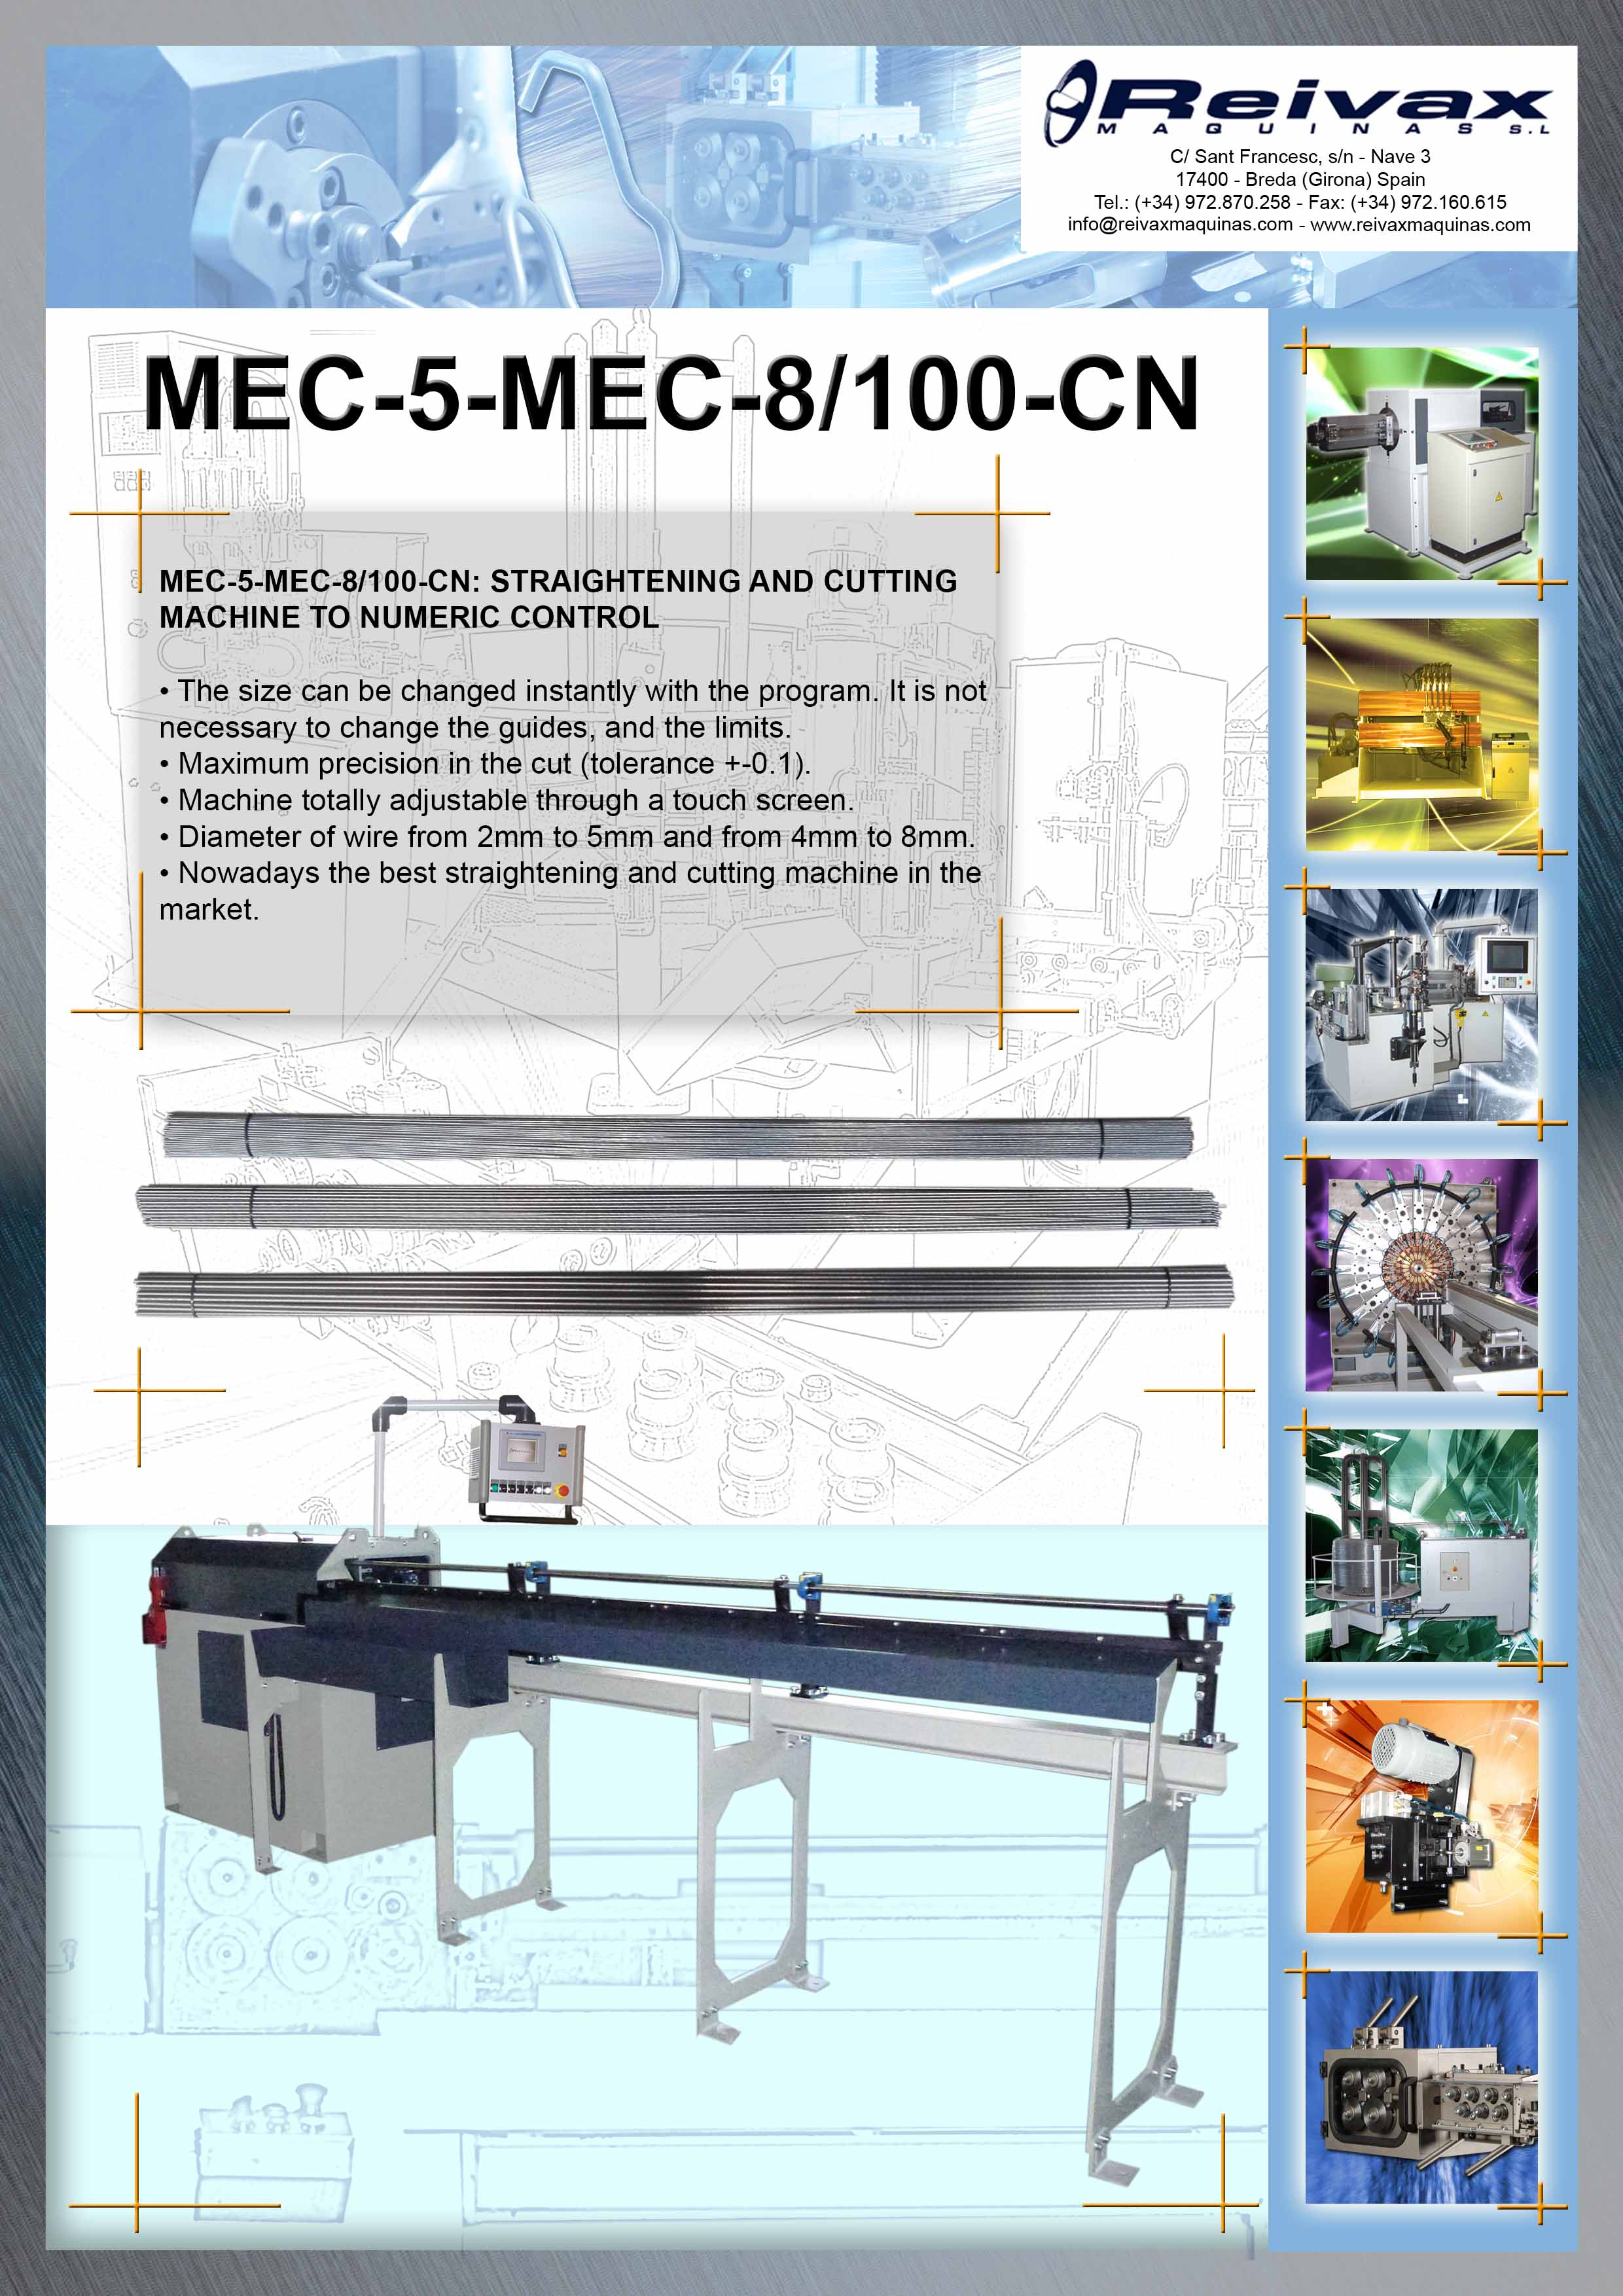 ReivaxMaquinas: Technical Details MEC-5 - MEC-8 / 100 - CN